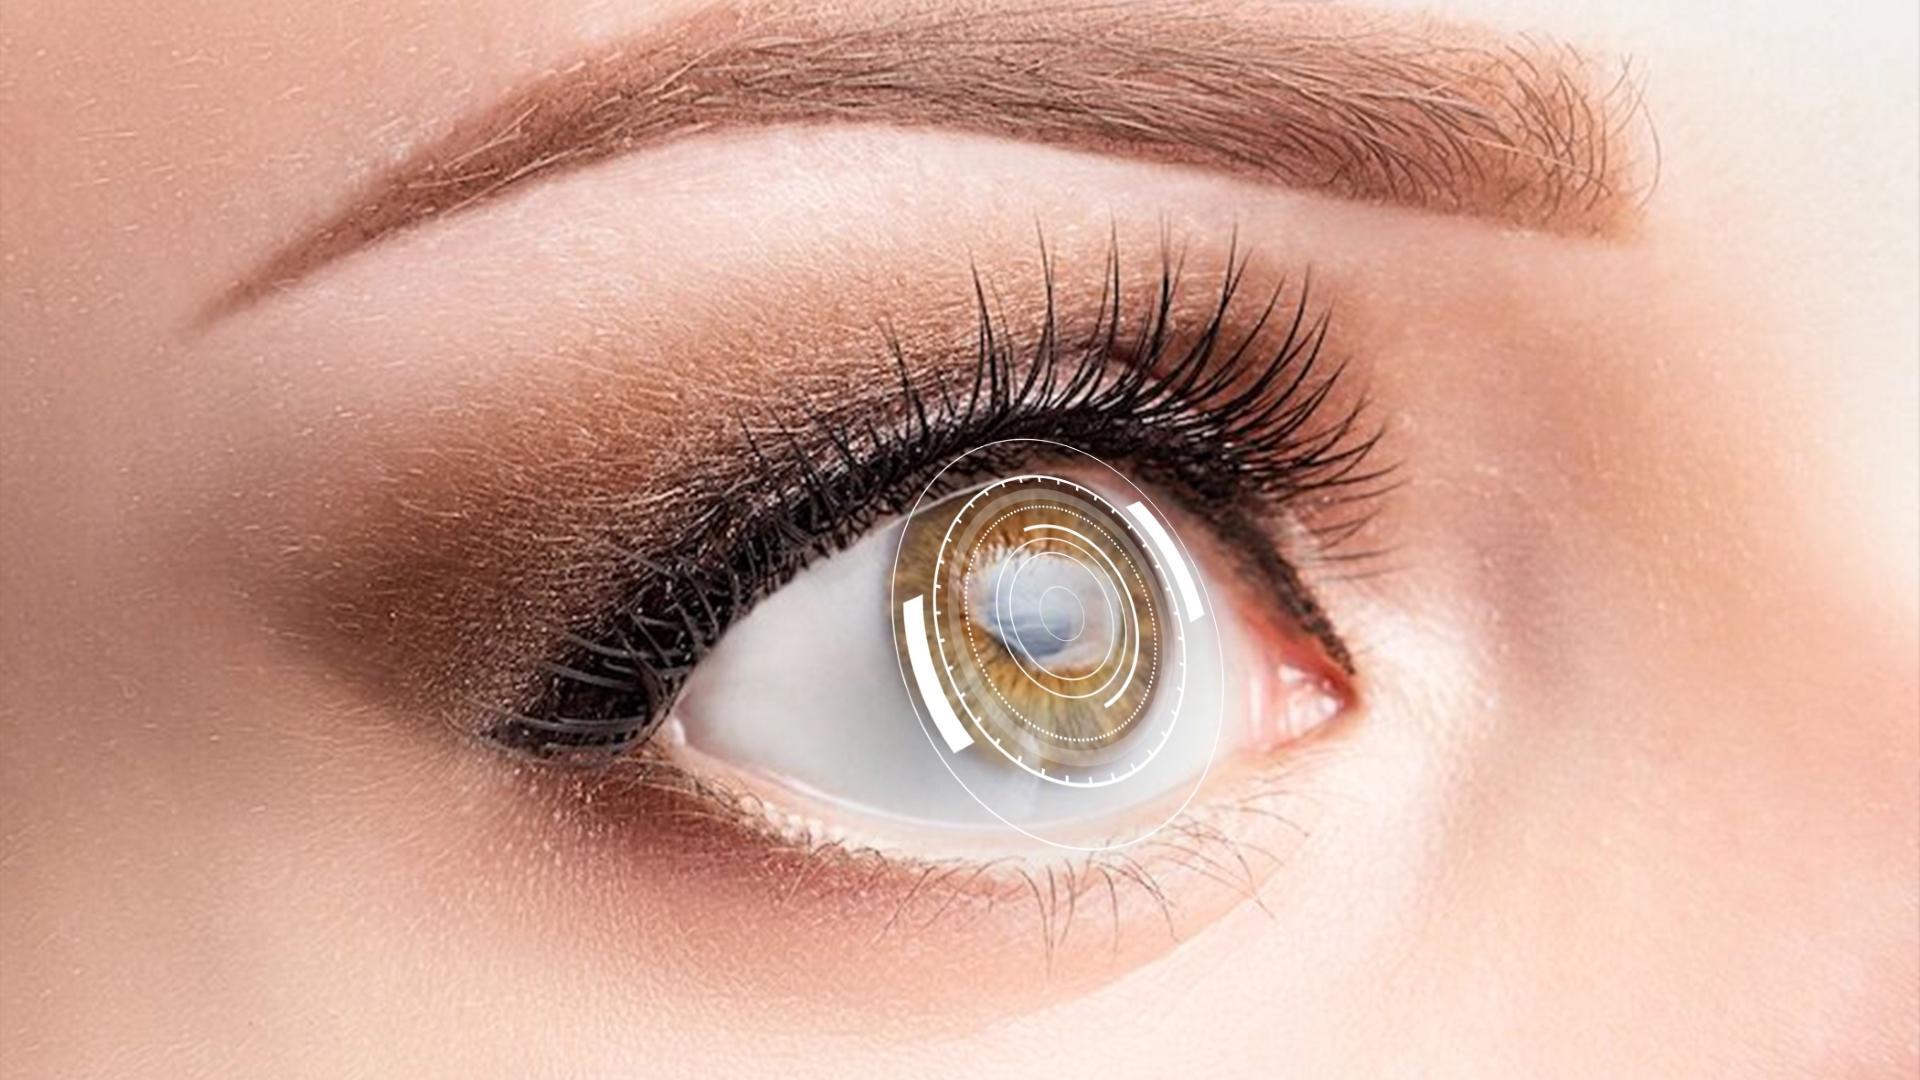 Создан прототип контактных линз, которыми можно управлять при помощи моргания